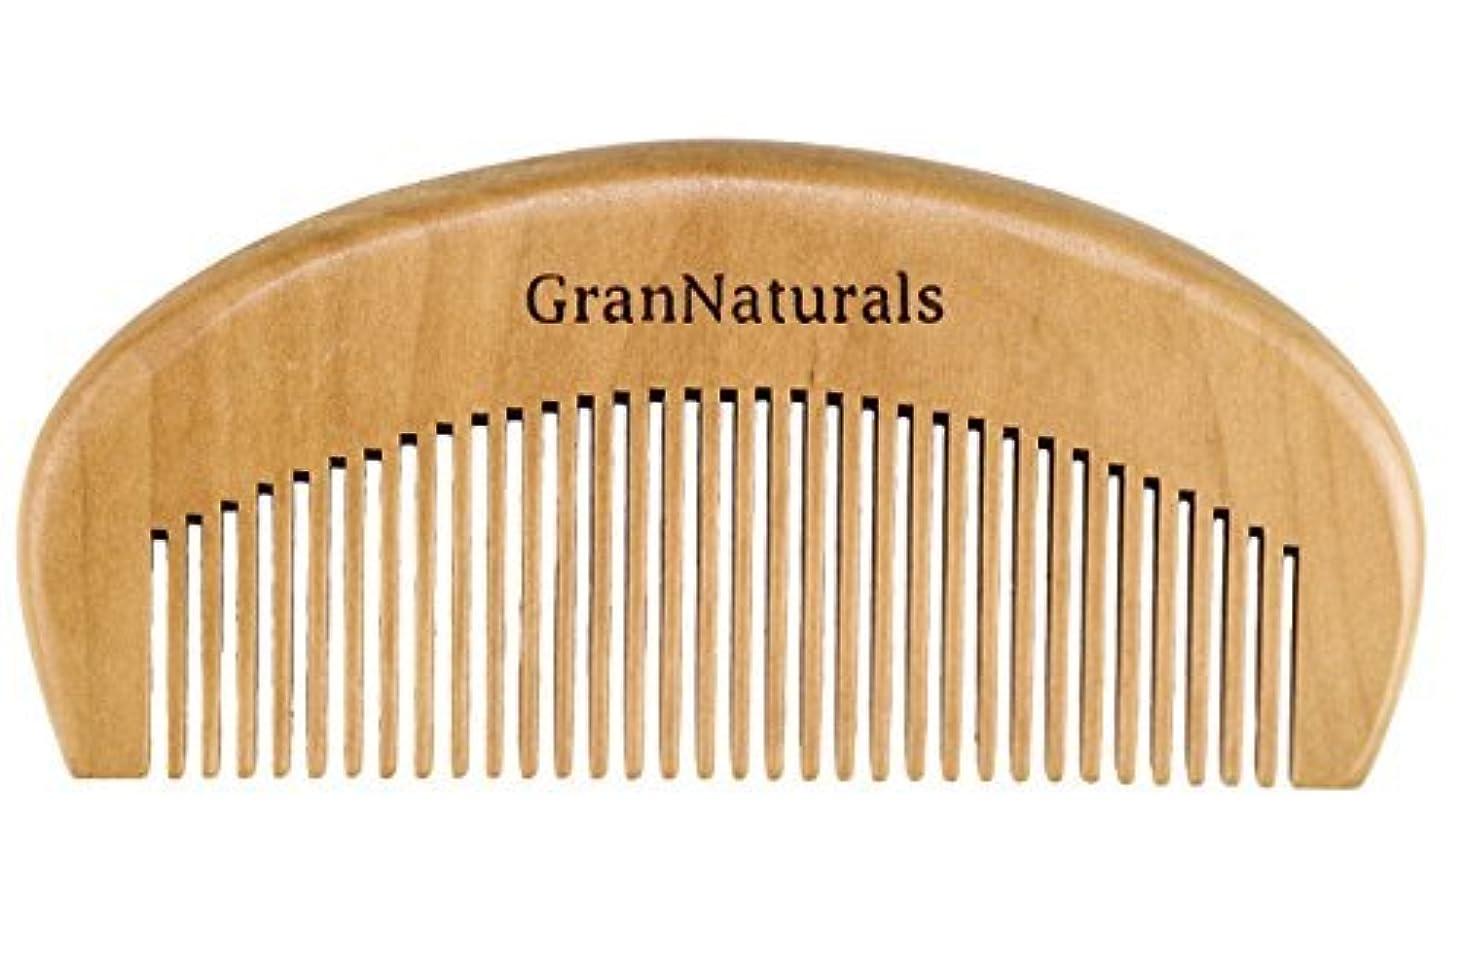 監督する舌収束するGranNaturals Wooden Comb Hair + Beard Detangler for Women and Men - Natural Anti Static Wood for Detangling and...